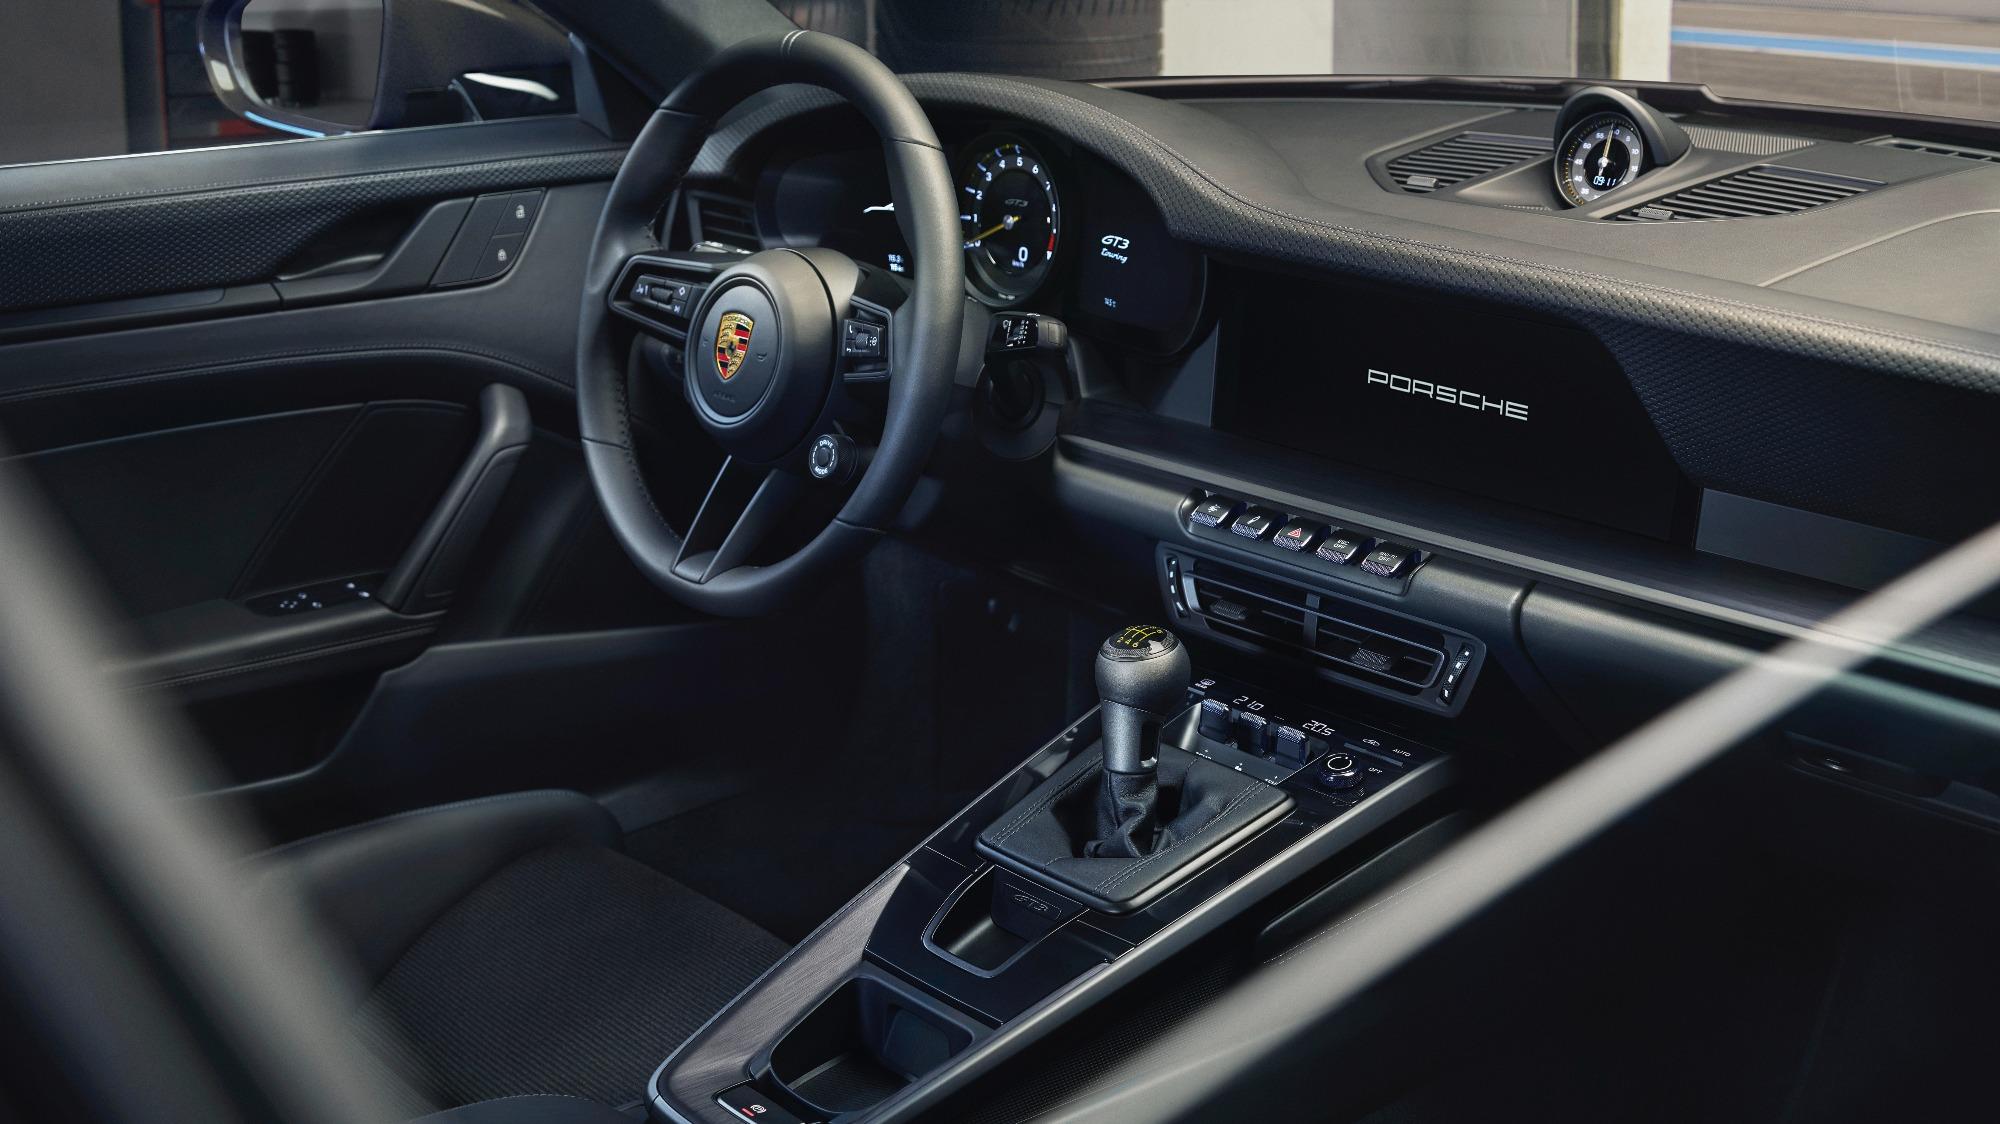 Câmbio do Porsche 911 GT3 Touring 2022